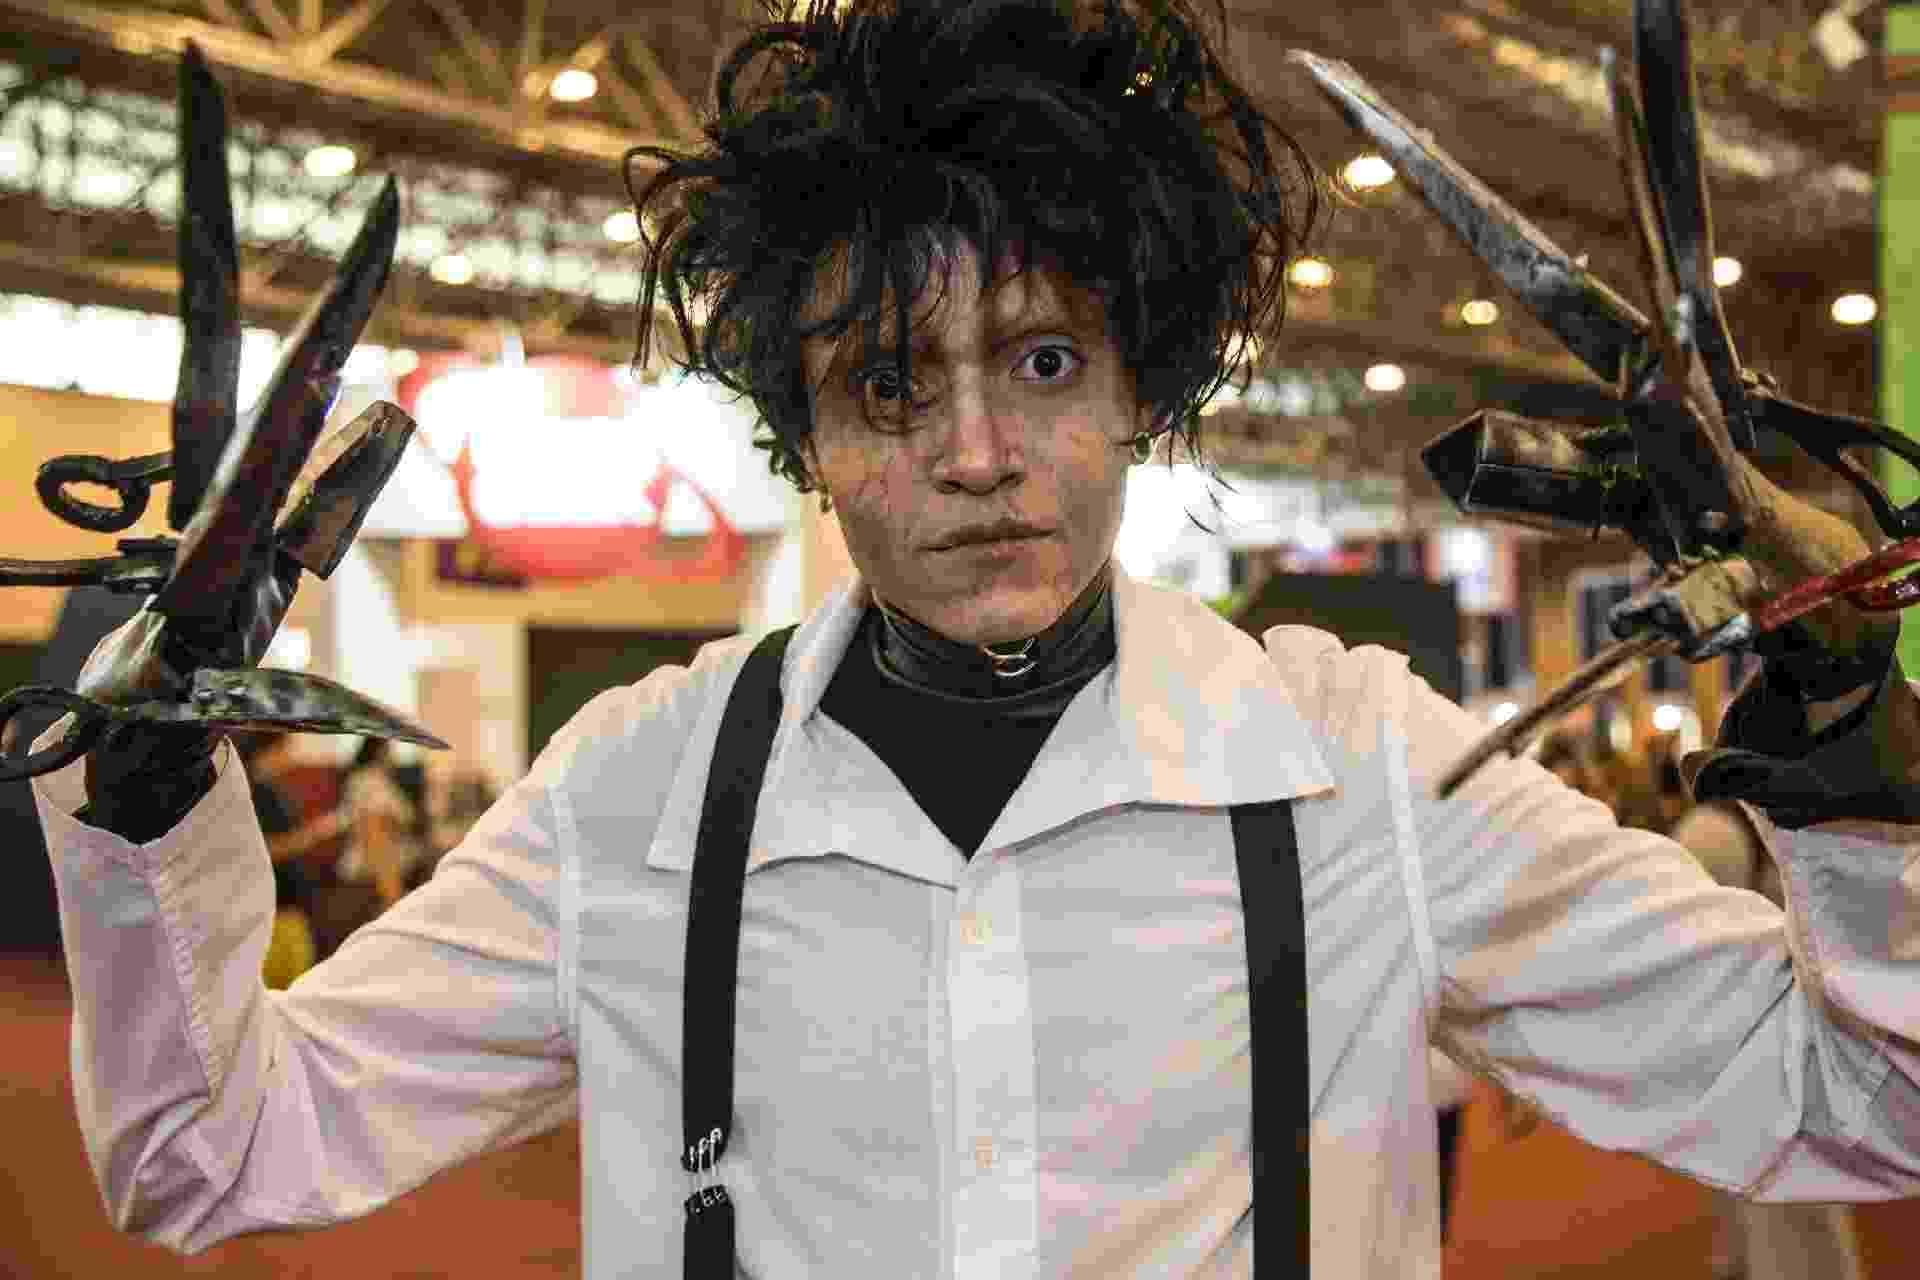 Comic Con Experience faz sua primeira edição no Recife, no Centro de Convenções de Pernambuco - Roberta Guimarães/UOL